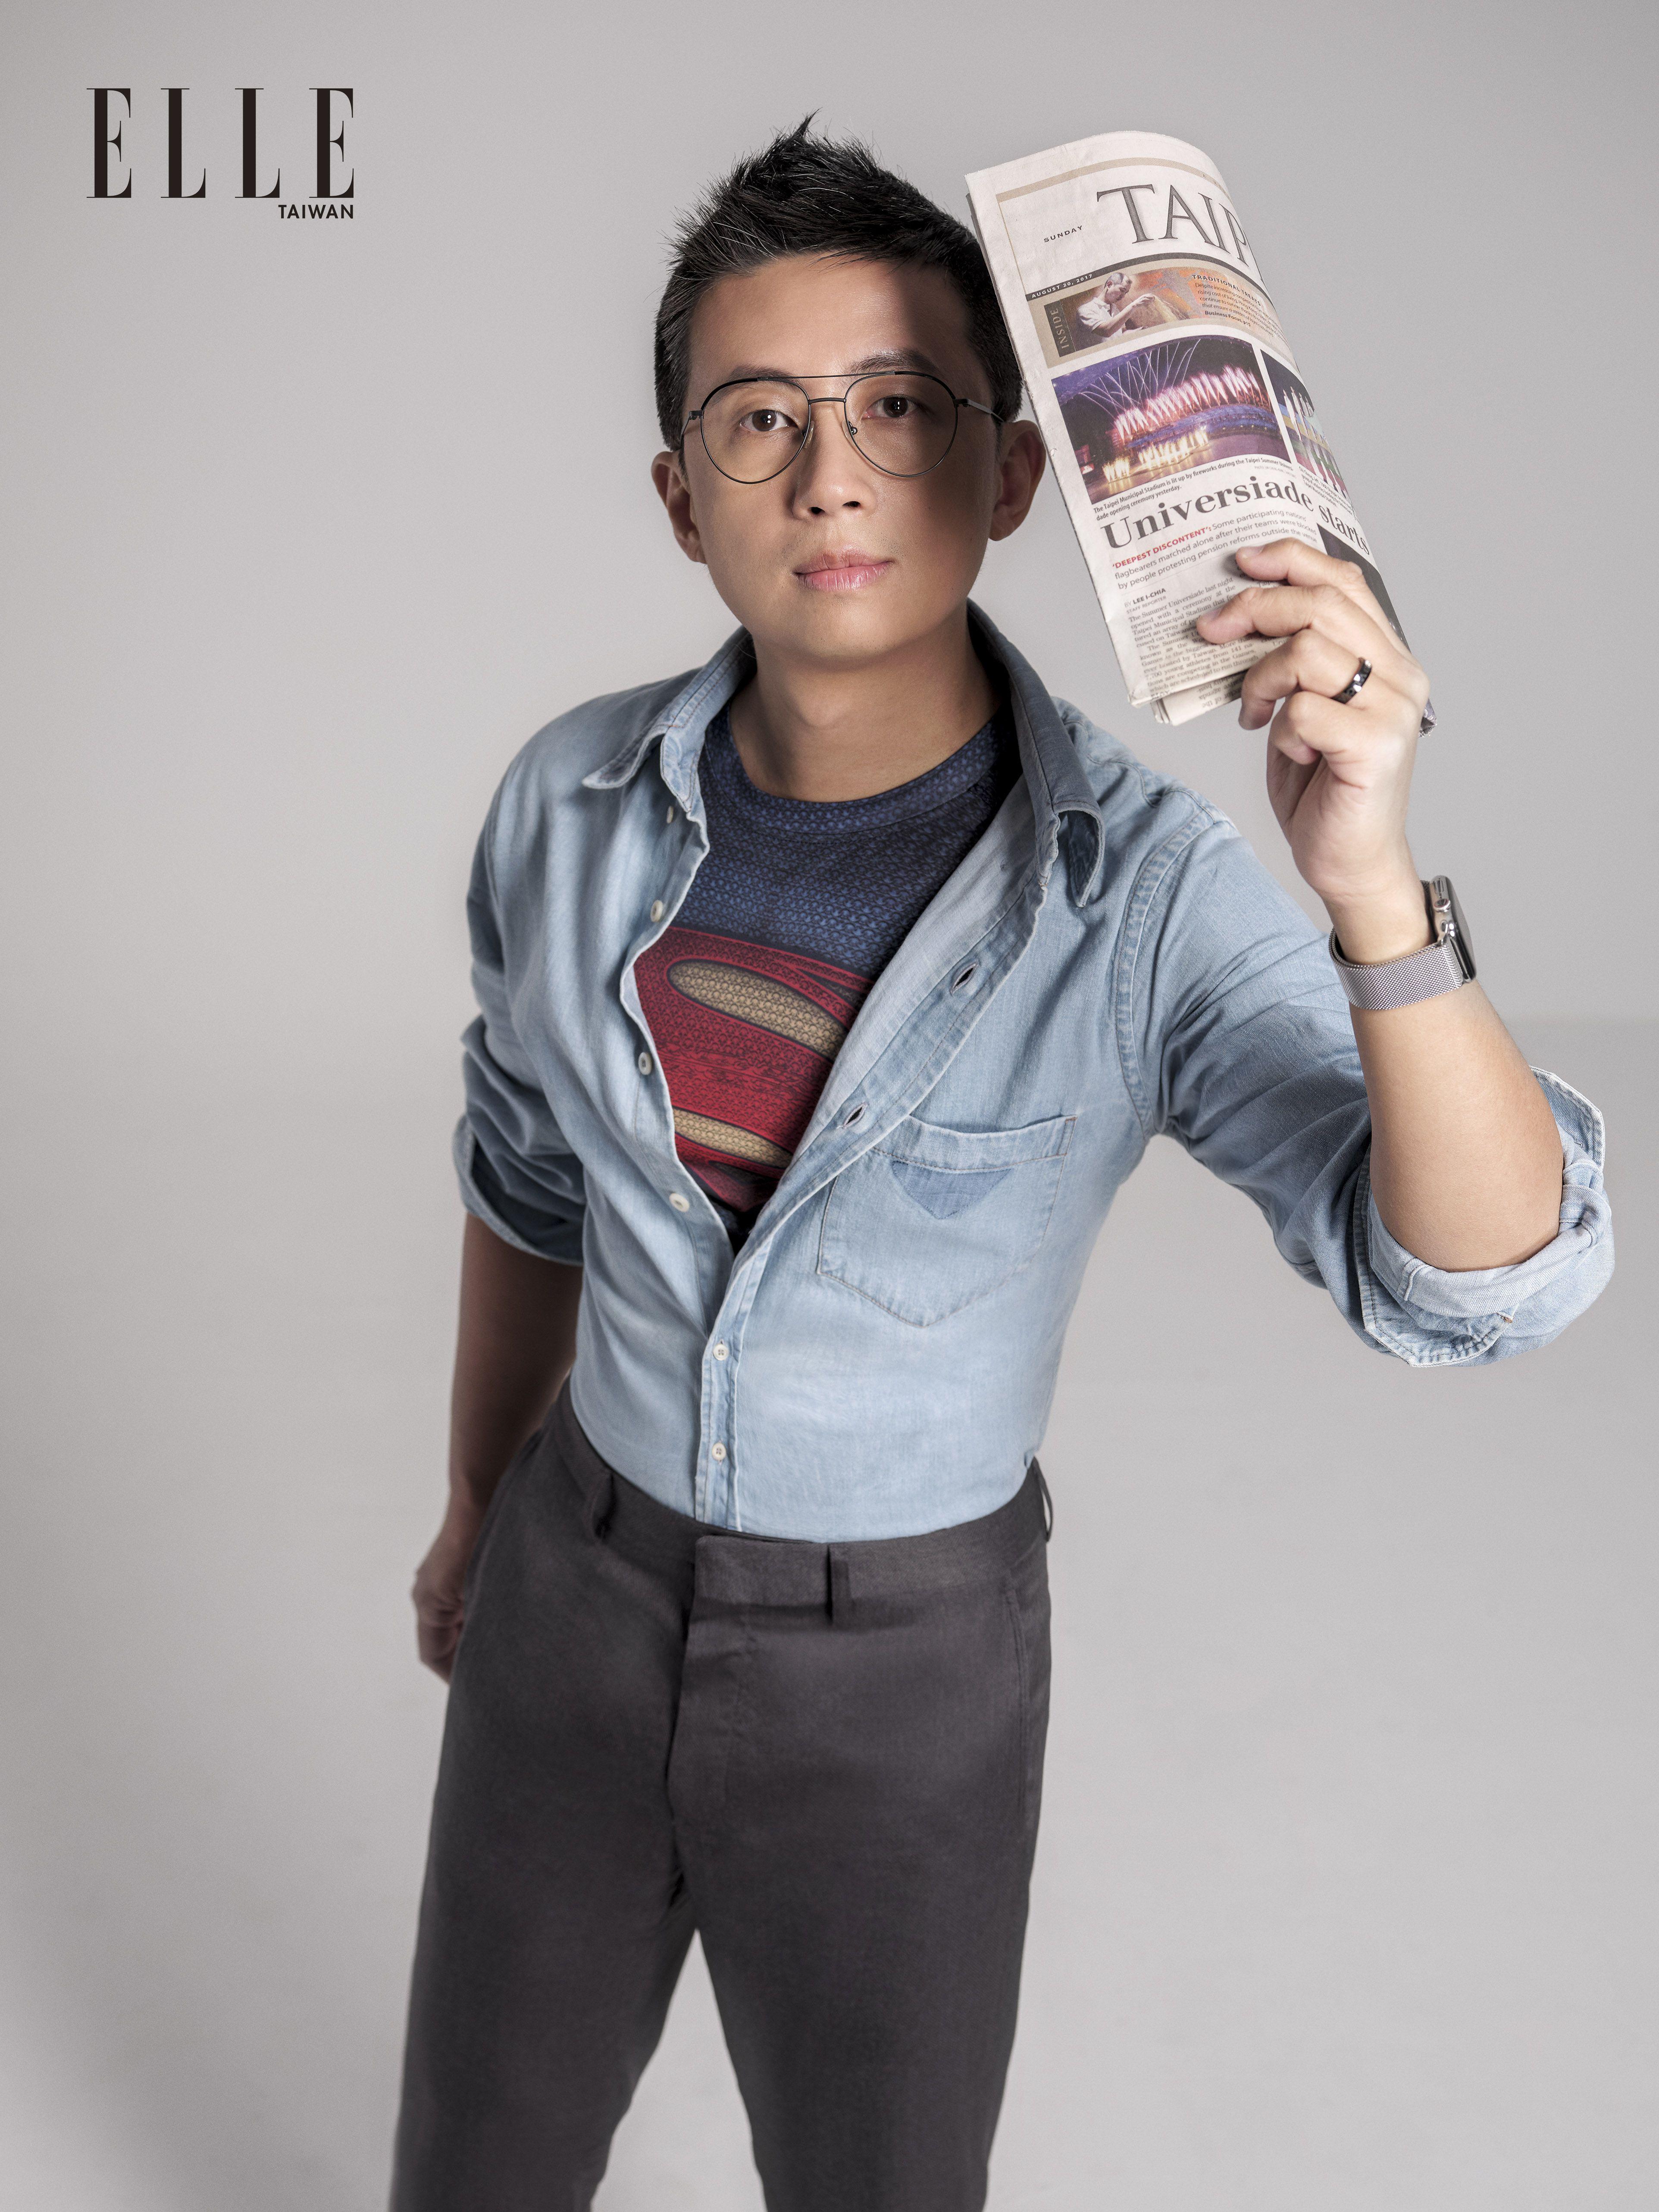 天藍色襯衫(PRADA);鐵灰色西裝褲、雙色拼接運動鞋(LOUIS VUITTON);黑色復古金屬框眼鏡(L.G.R)。